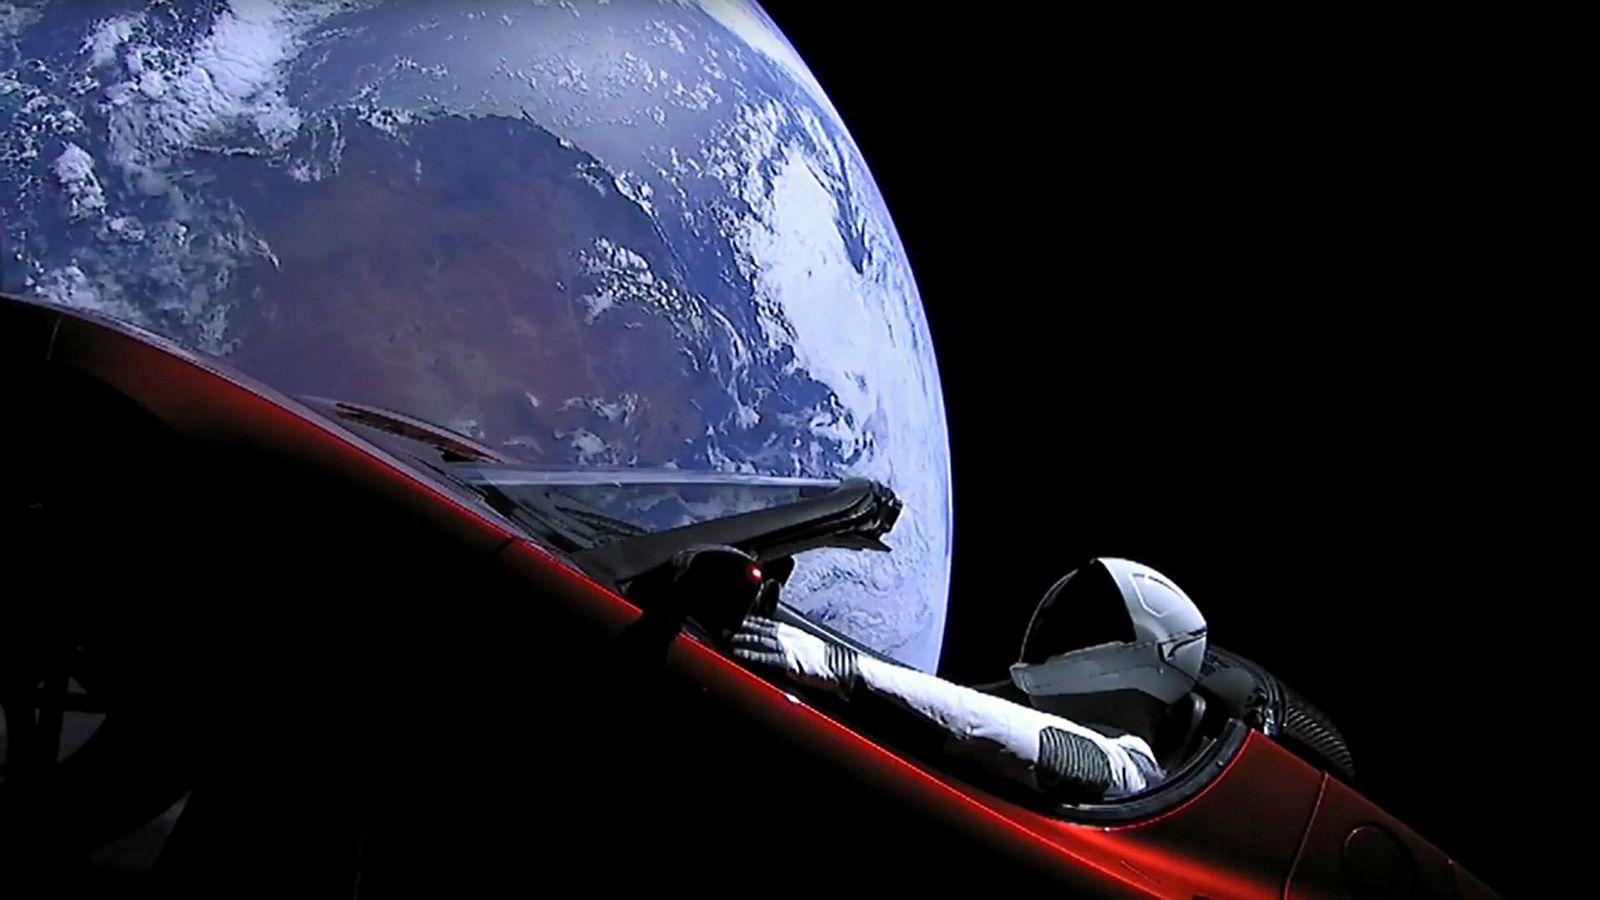 Denne uken skjøt Elon Musk ut en Tesla Roadster i rommet, noe som virker lettere enn å tjene penger på elbilsalg.